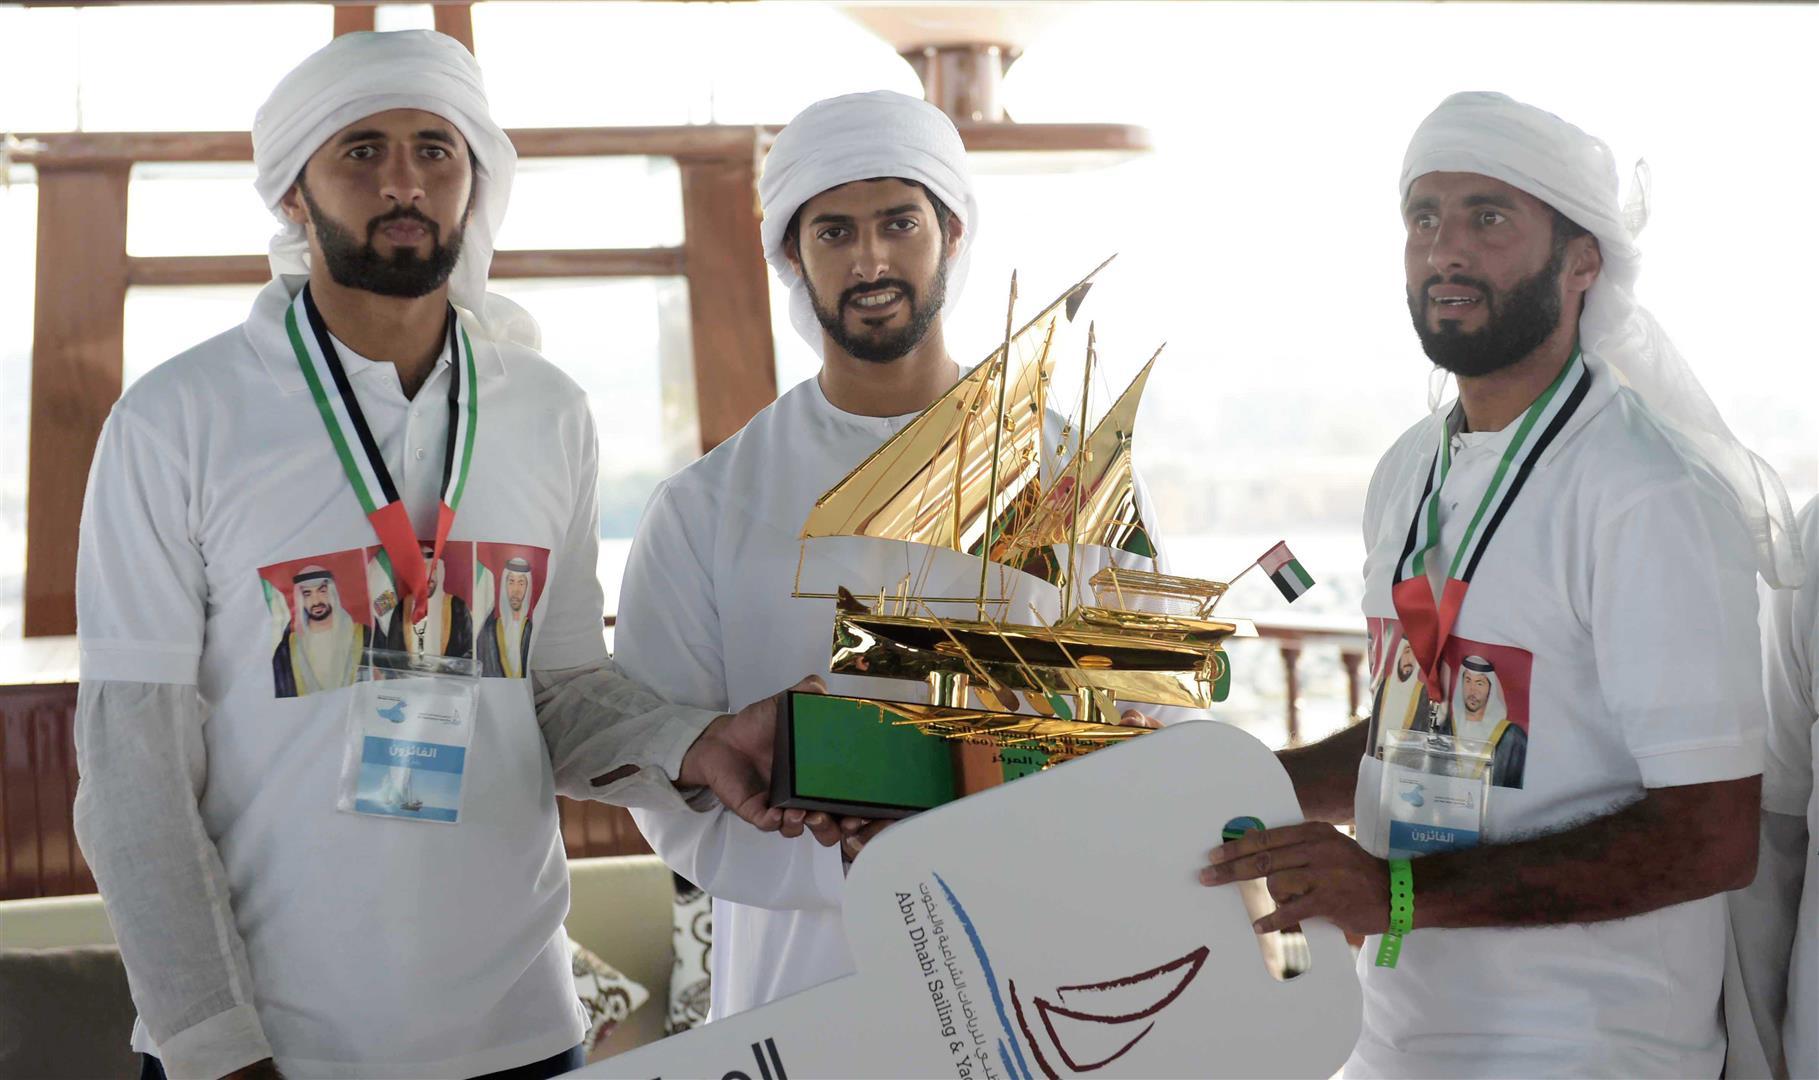 زايد بن حمدان بن زايد يتوج الفائزين في سباق دلما التاريخي للمحامل الشراعية 3